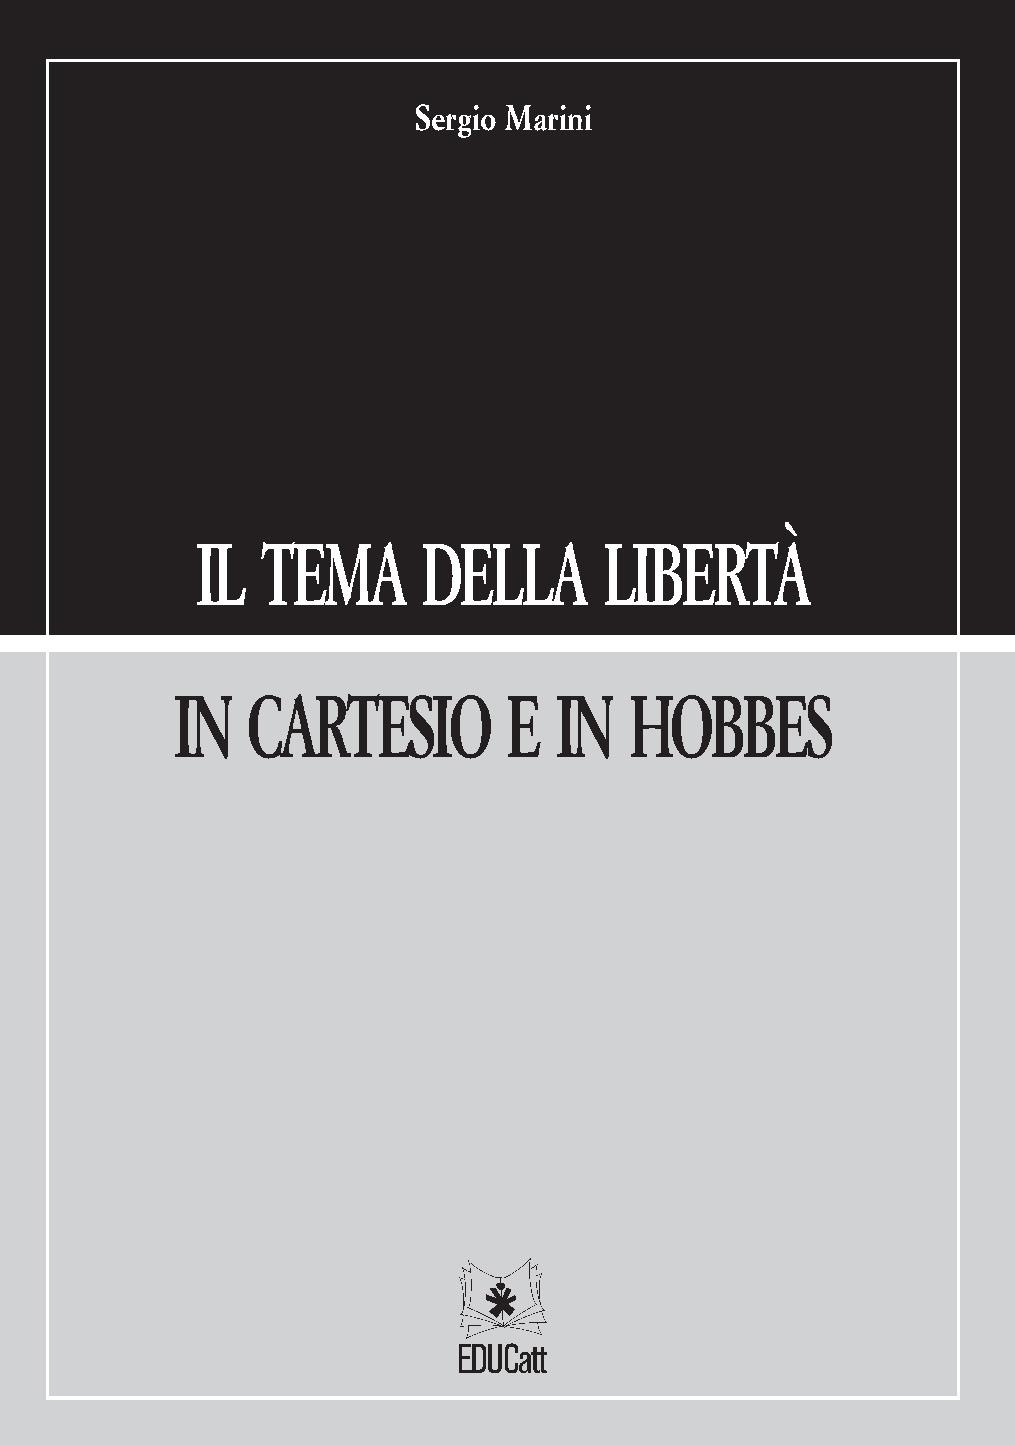 IL TEMA DELLA LIBERTA' IN CARTESIO E HOBBES